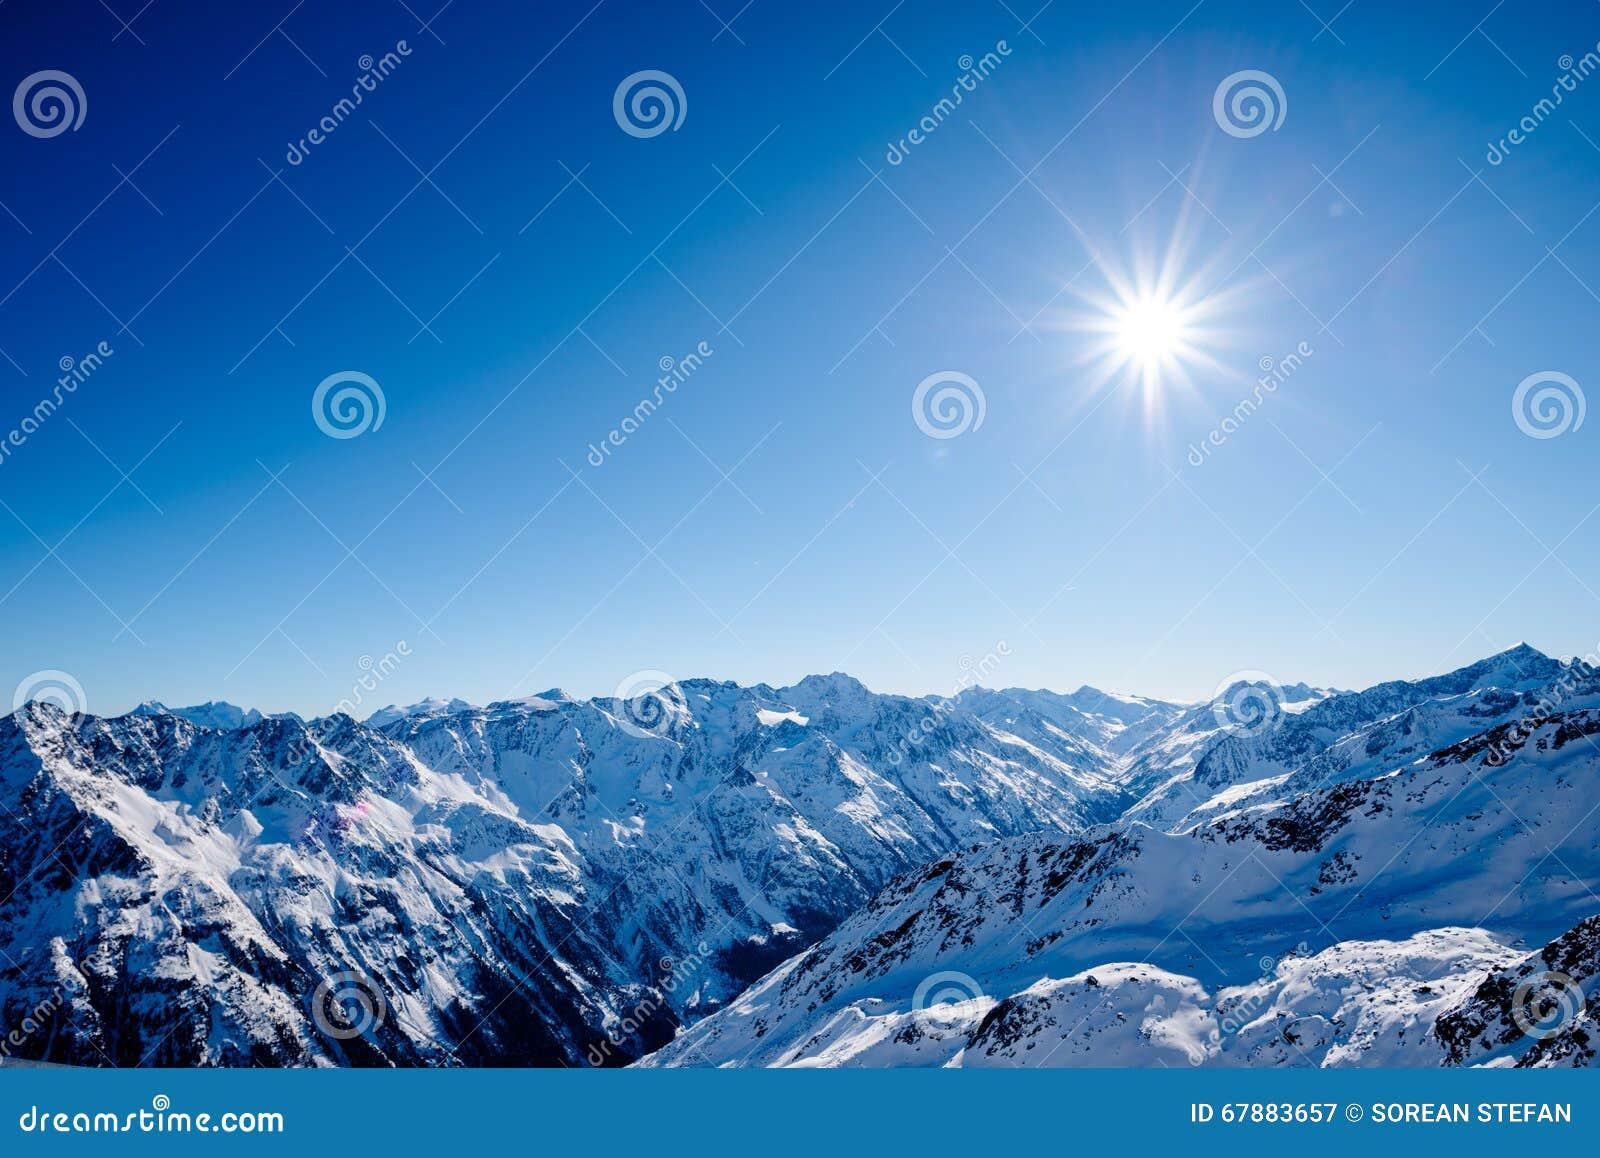 冬天妙境和天空